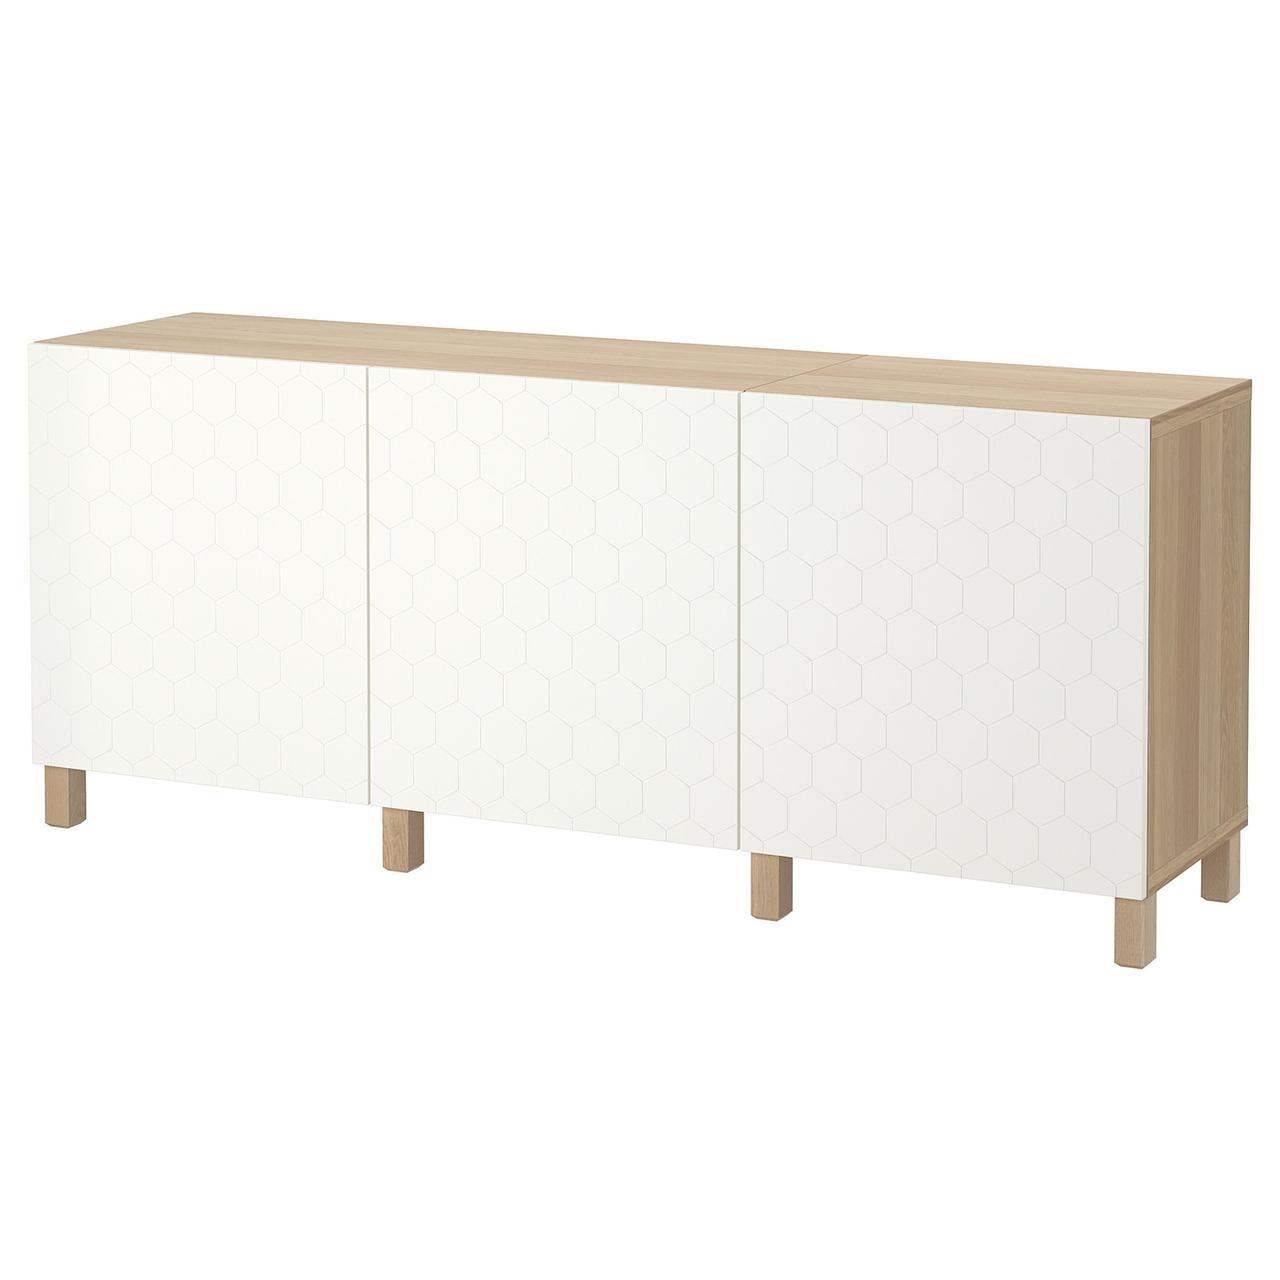 IKEA BESTA Тумба под телевизор 180x40x74 см (492.666.73), фото 1